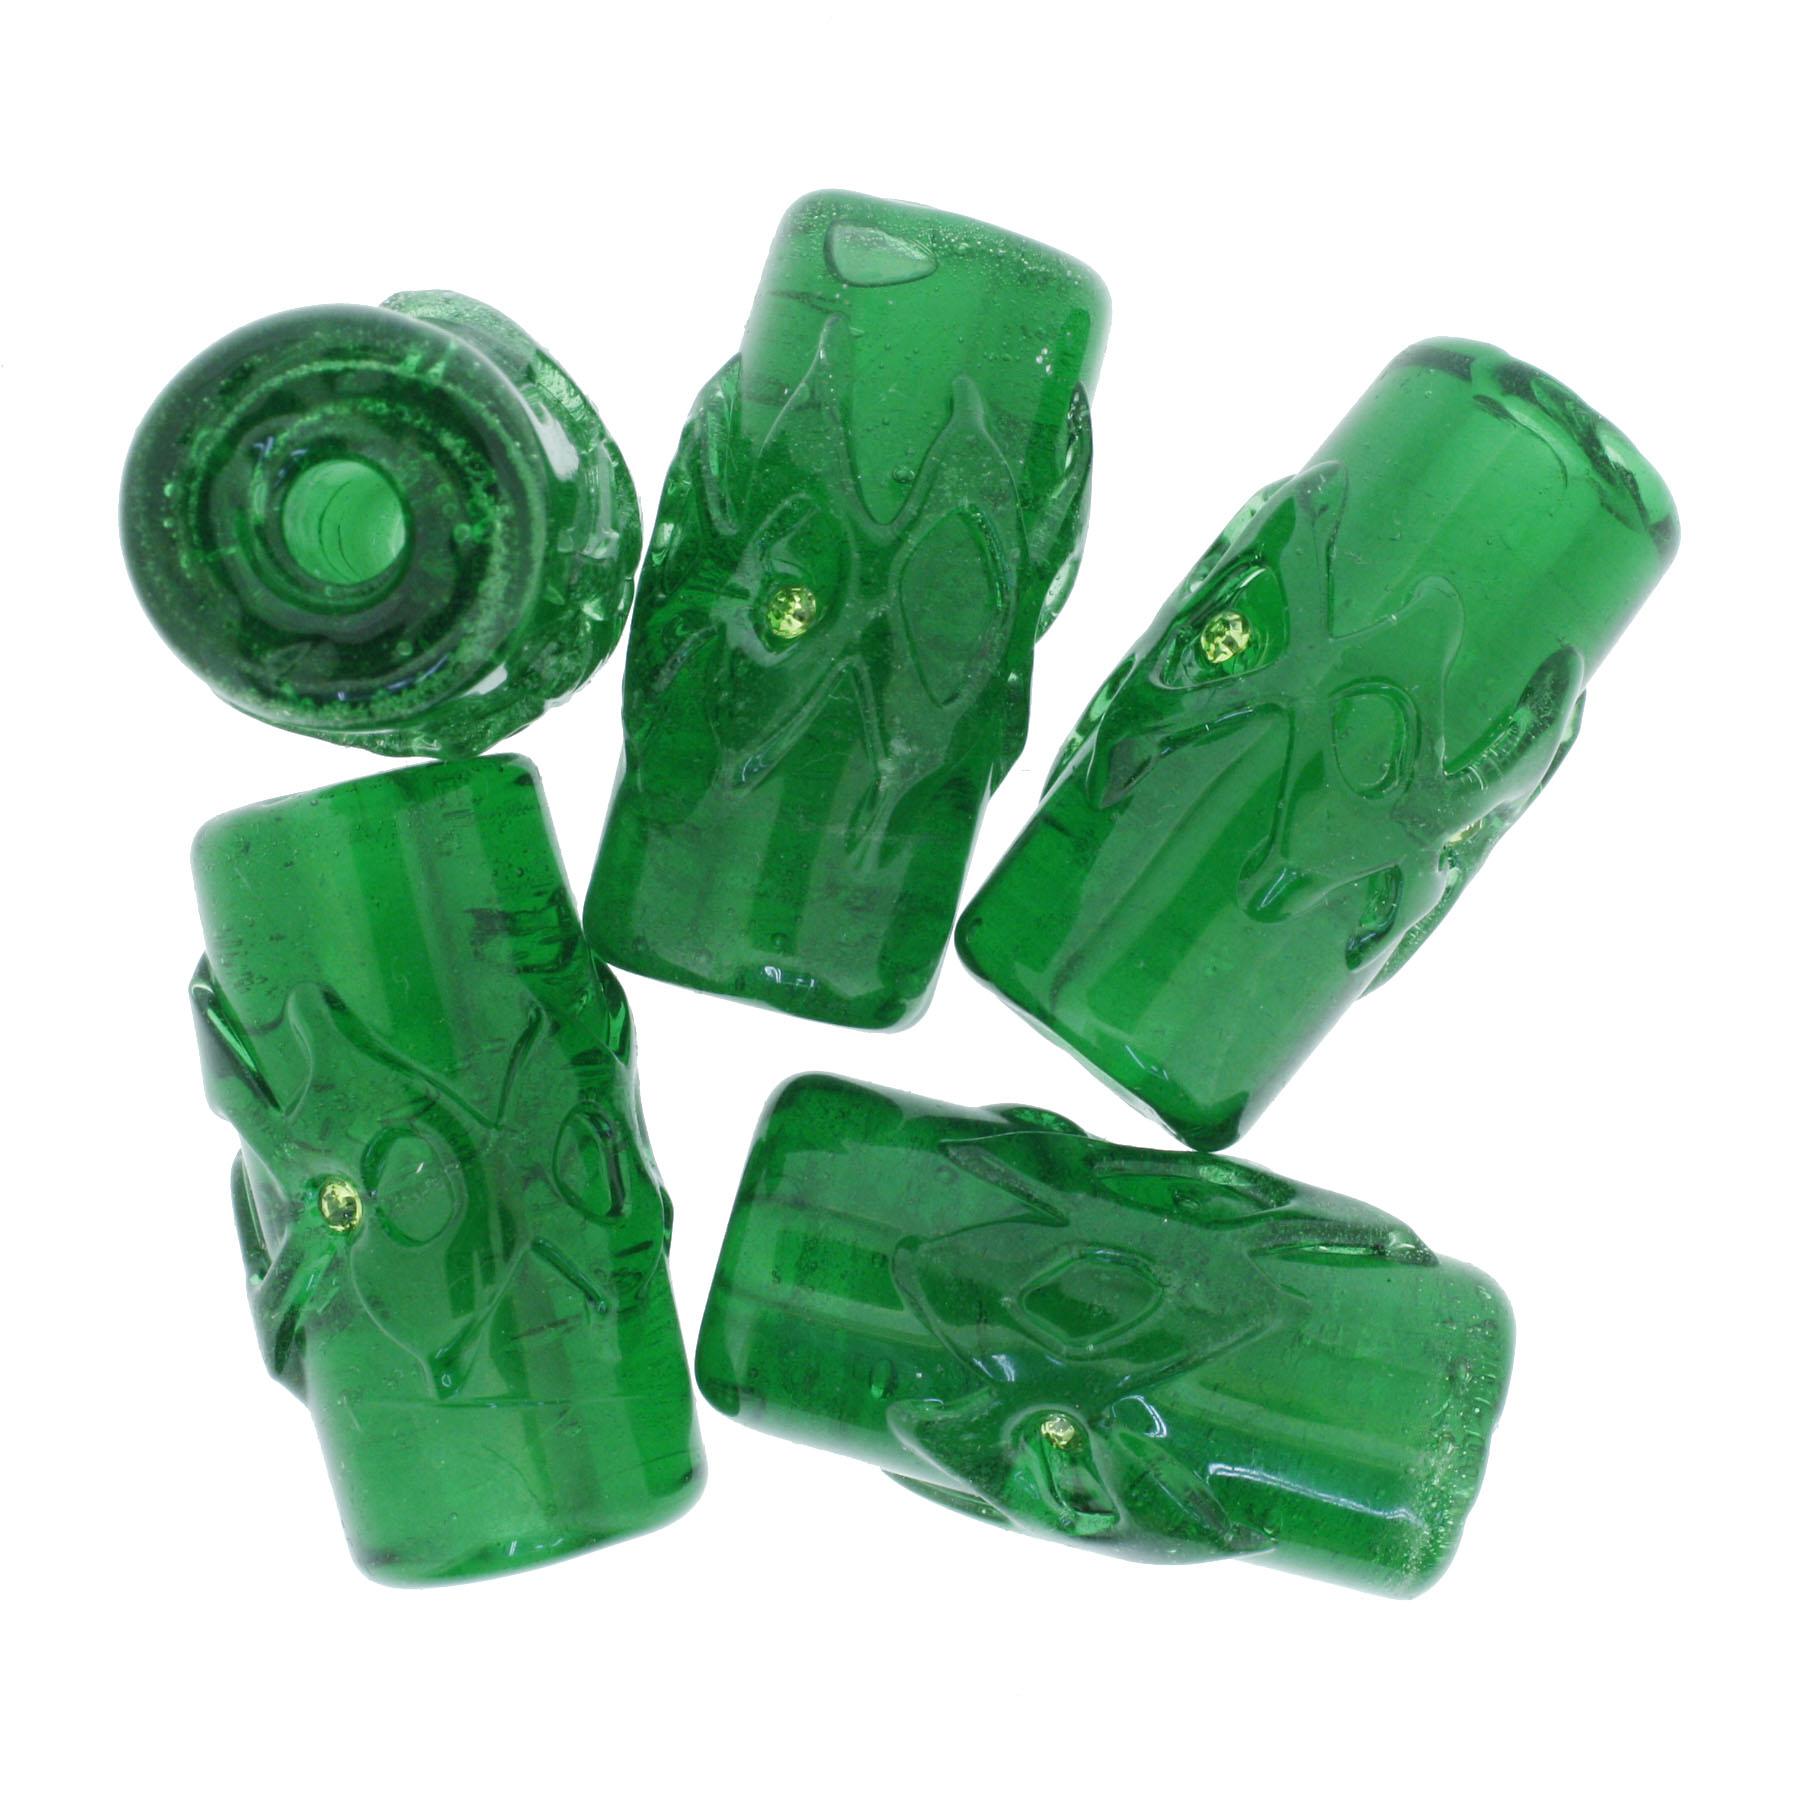 Firmas Strass GG - Verde Transparente  - Stéphanie Bijoux® - Peças para Bijuterias e Artesanato